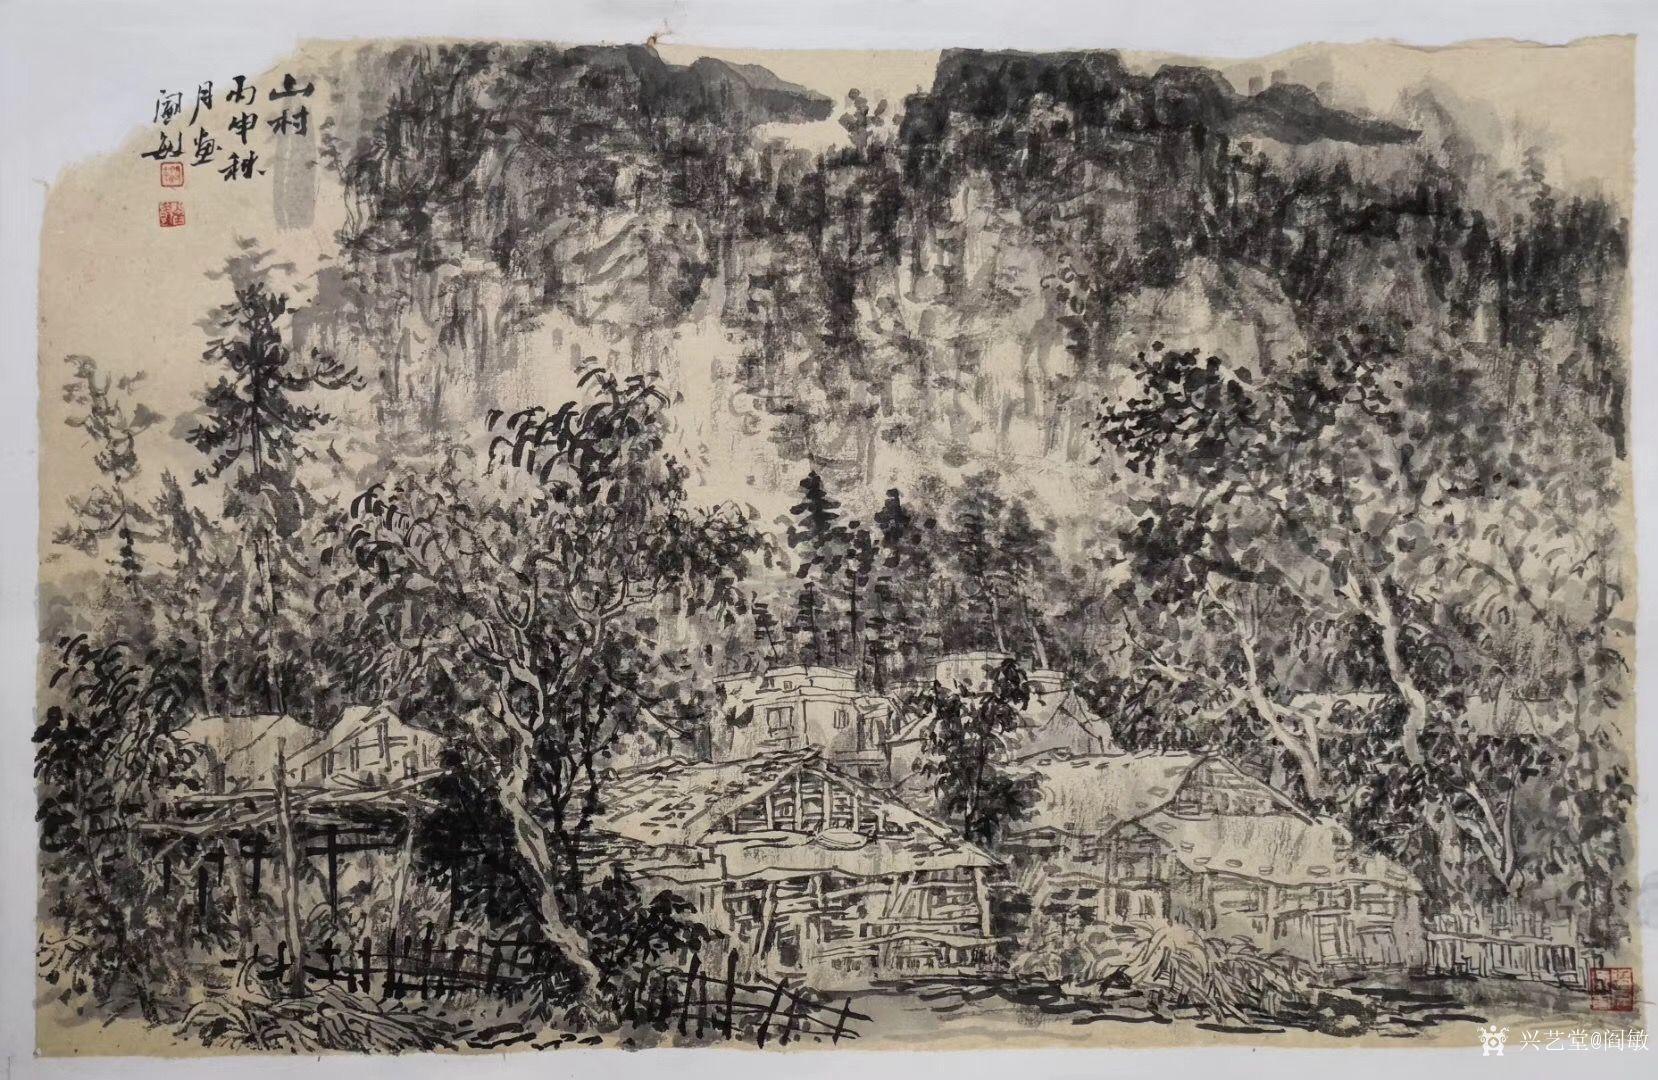 阎敏日志-国画写生山水画作品《山村》《峡谷秋风》《雨后》.图片